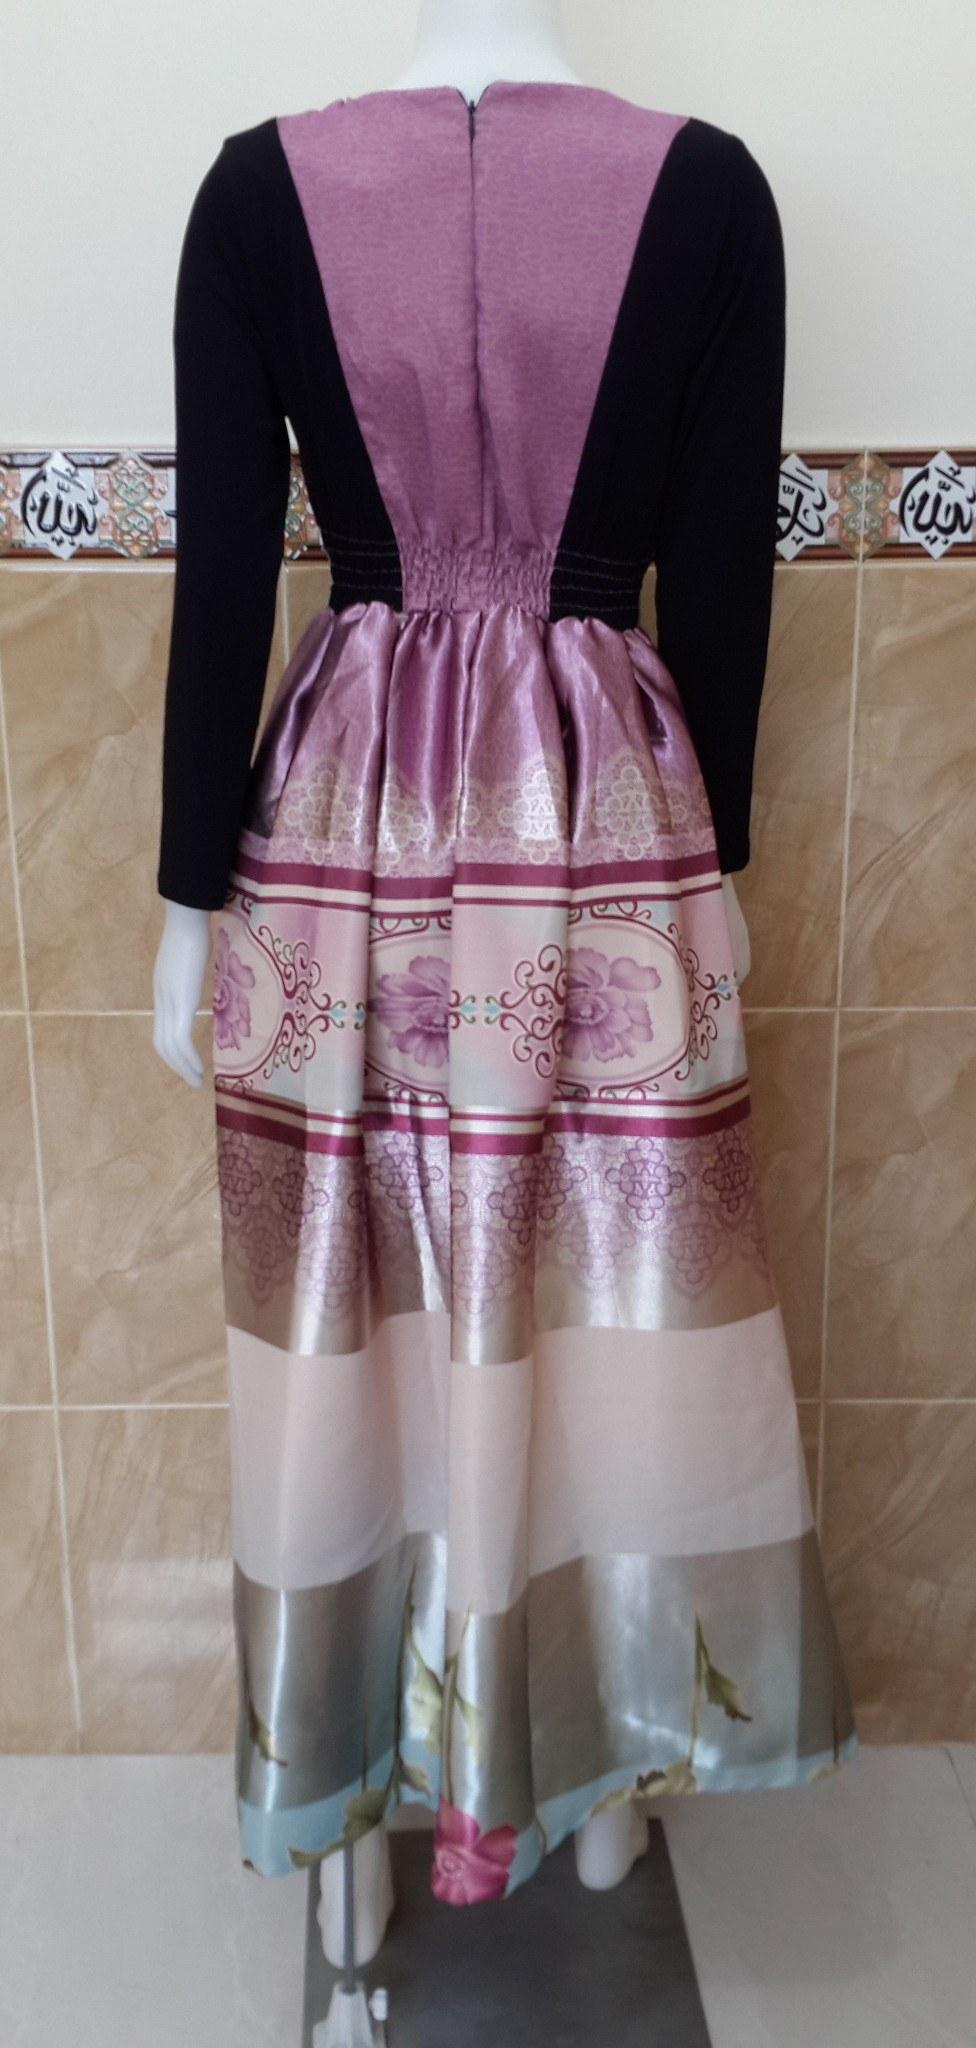 Bentuk Baju Gamis Pernikahan 87dx Gamis Pernikahan Cantik Jual Mainboard W210cumb 0d Bekas Mb